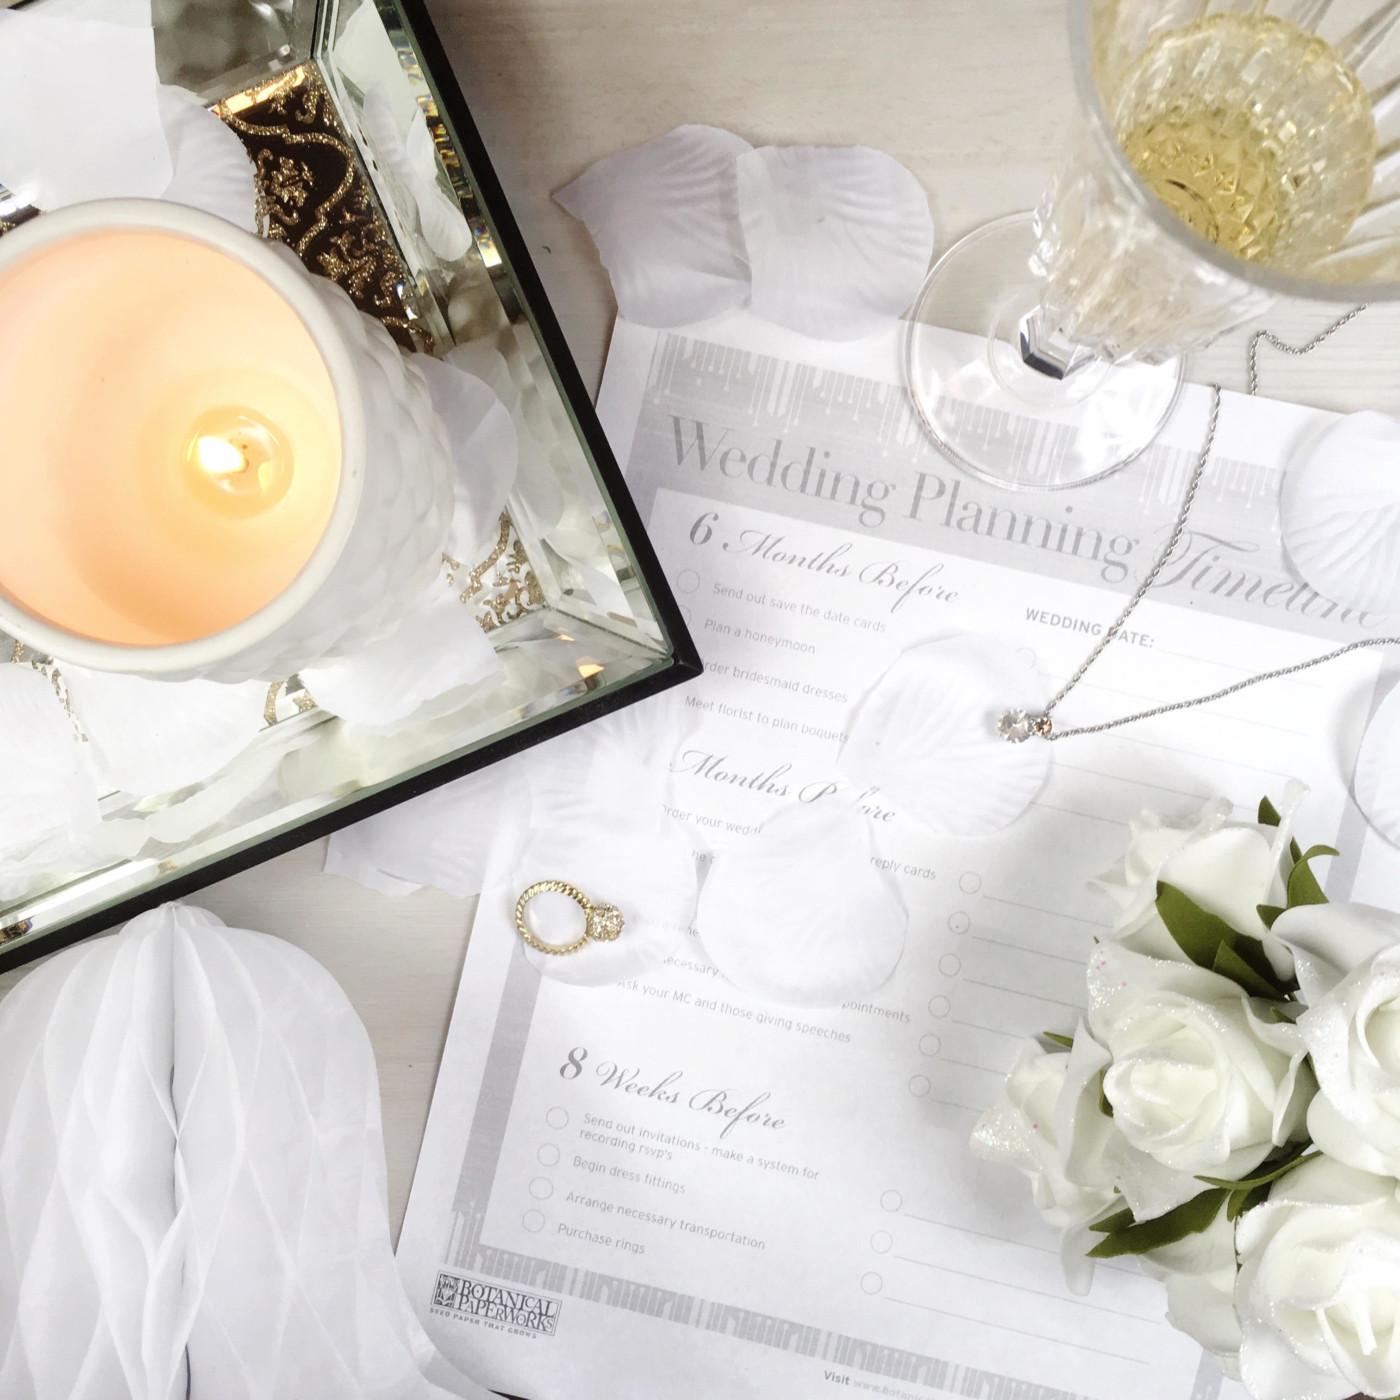 Toronto Event: National Bridal Show Feb 3-5